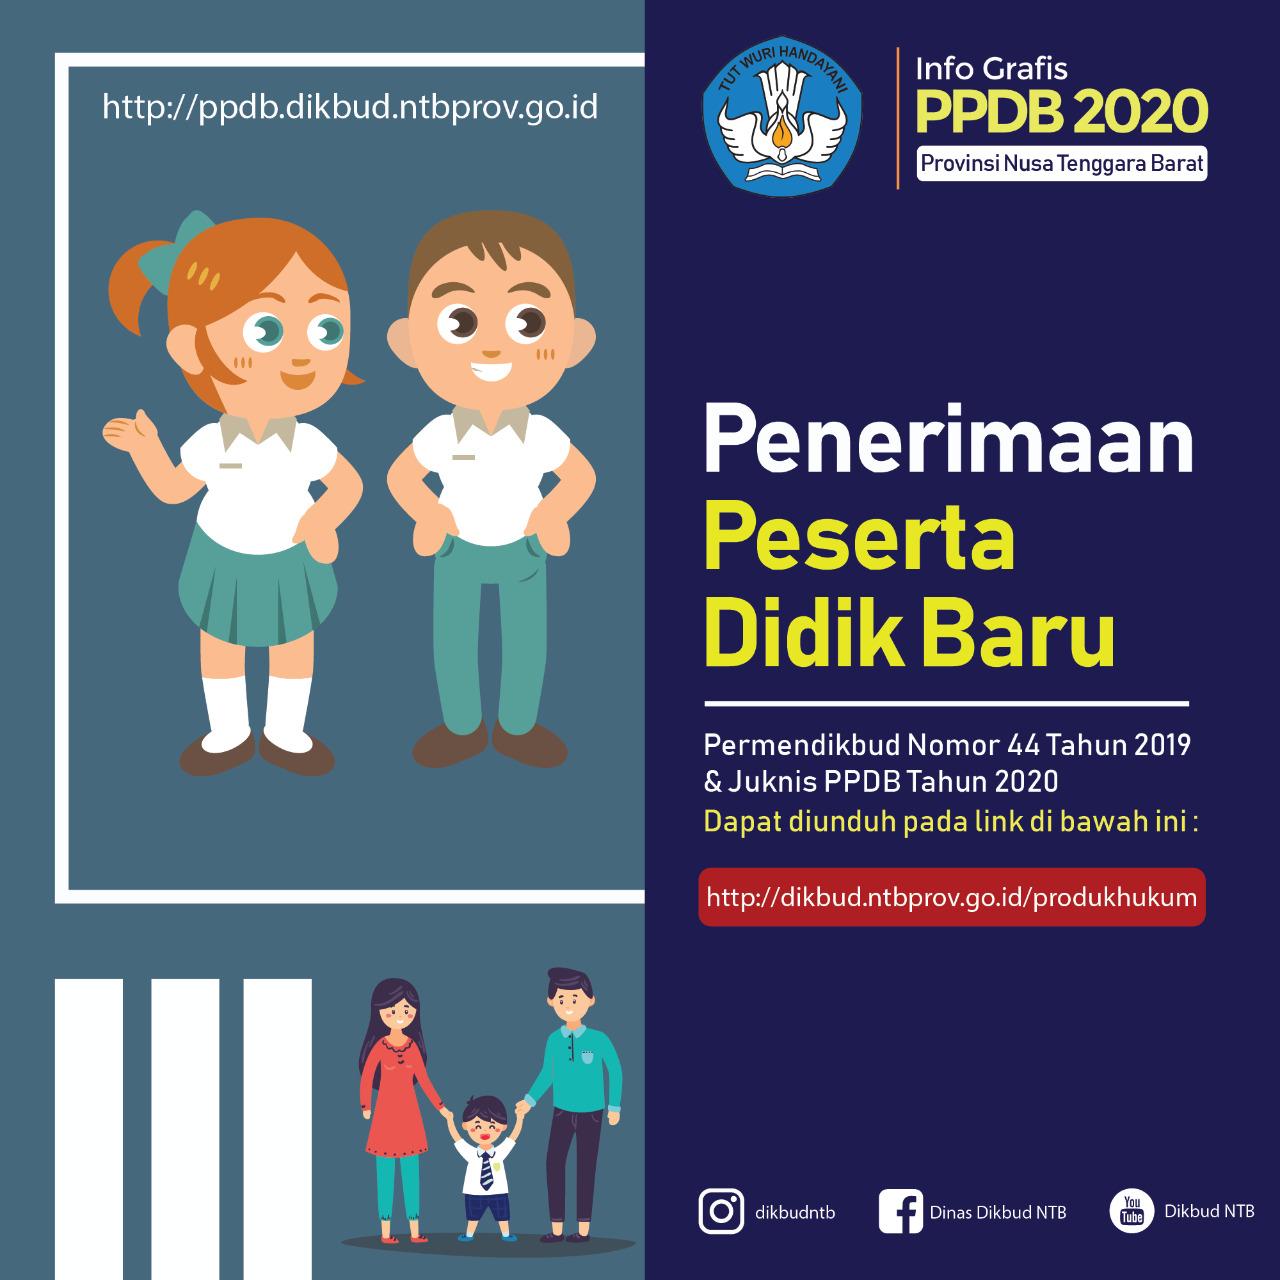 Infografis PPDB 2020